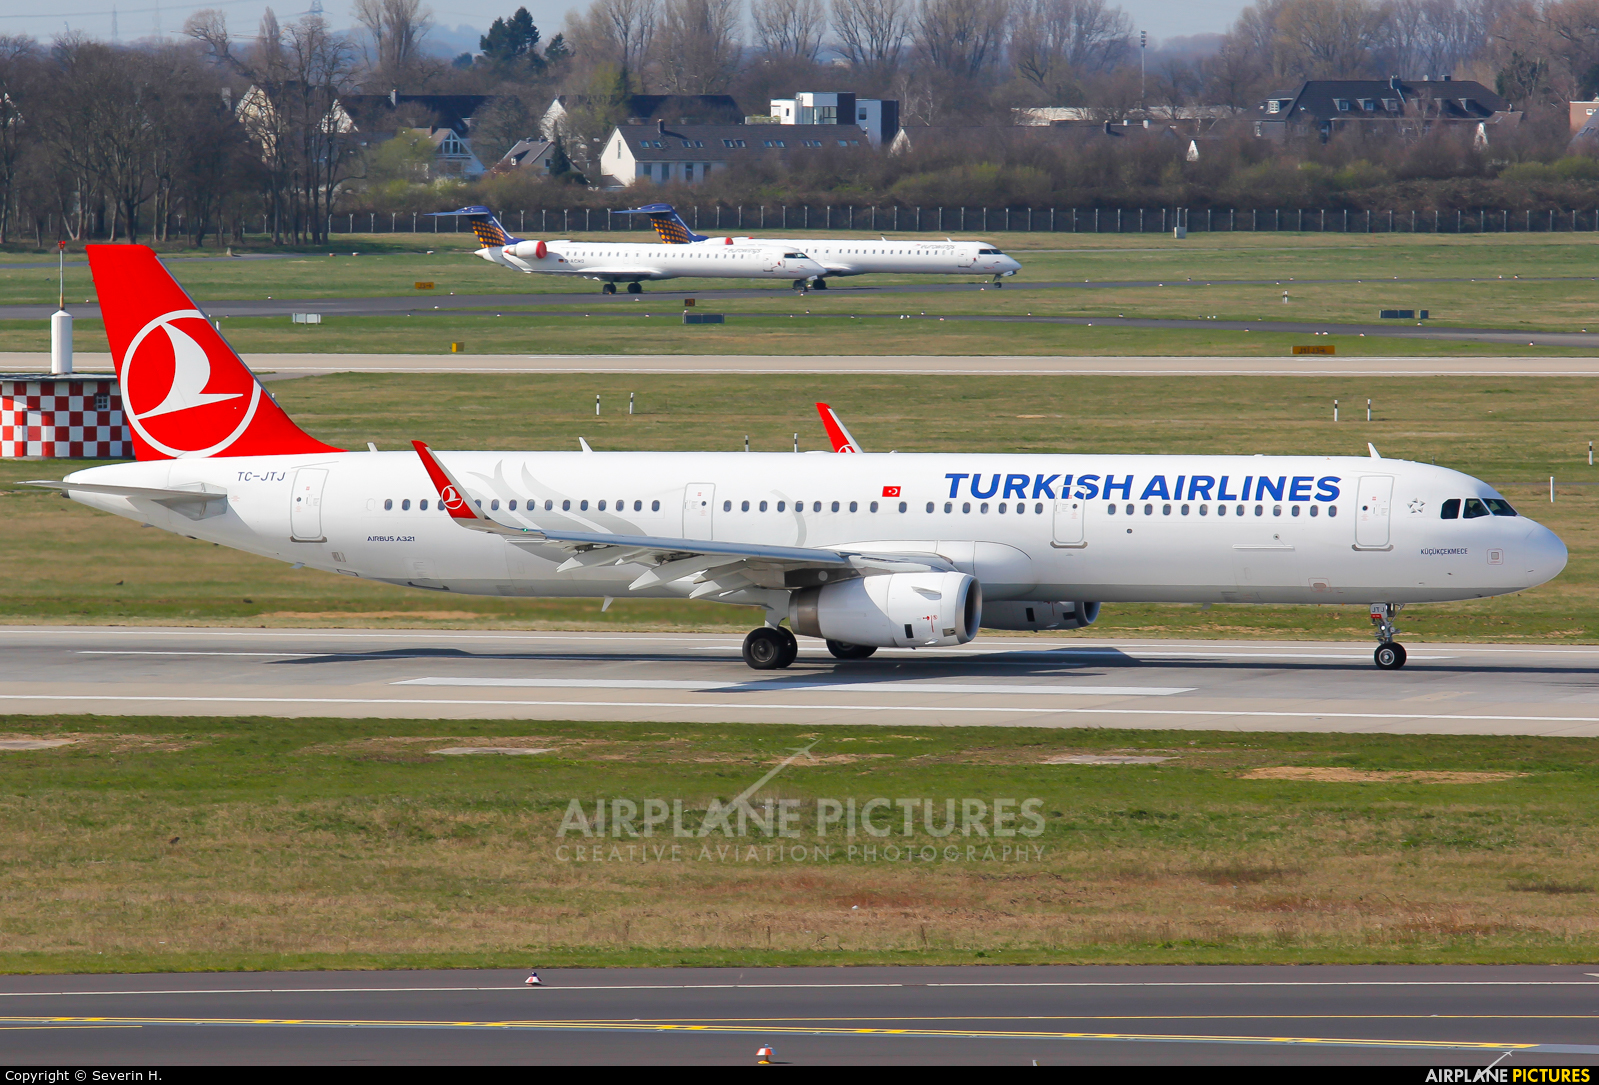 Turkish Airlines TC-JTJ aircraft at Düsseldorf